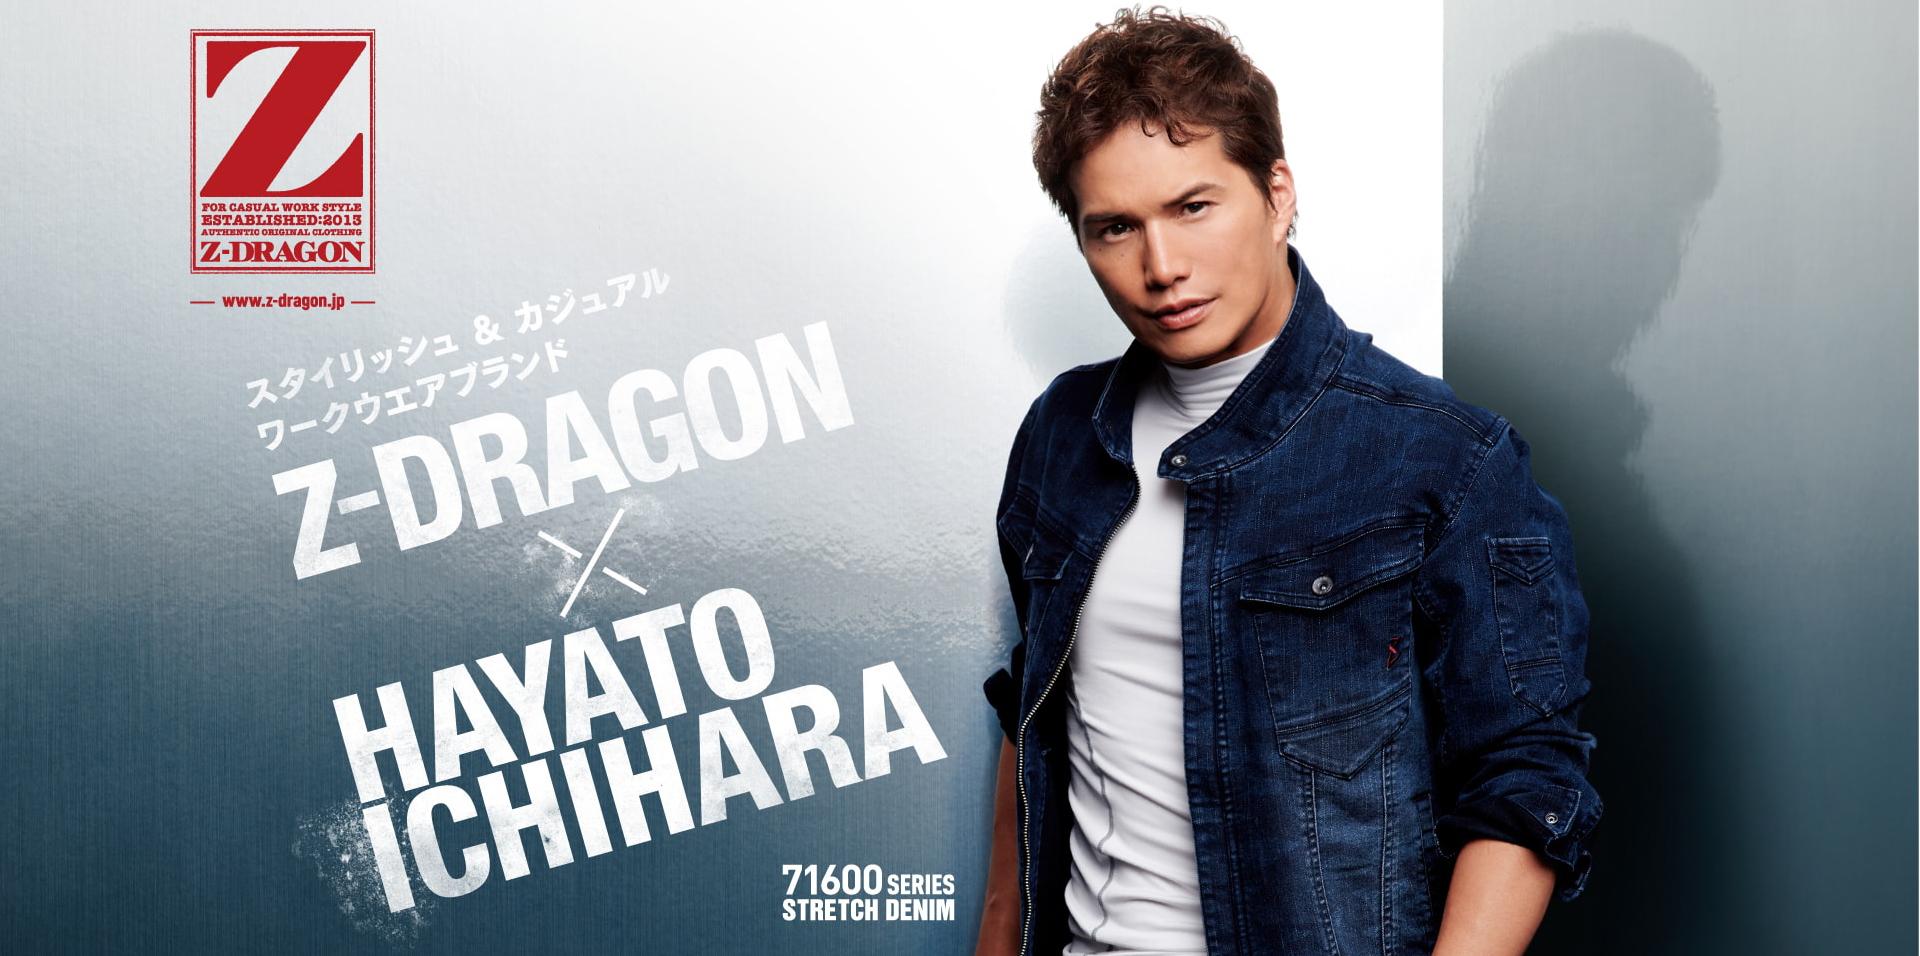 Z-DRAGON × 市原隼人